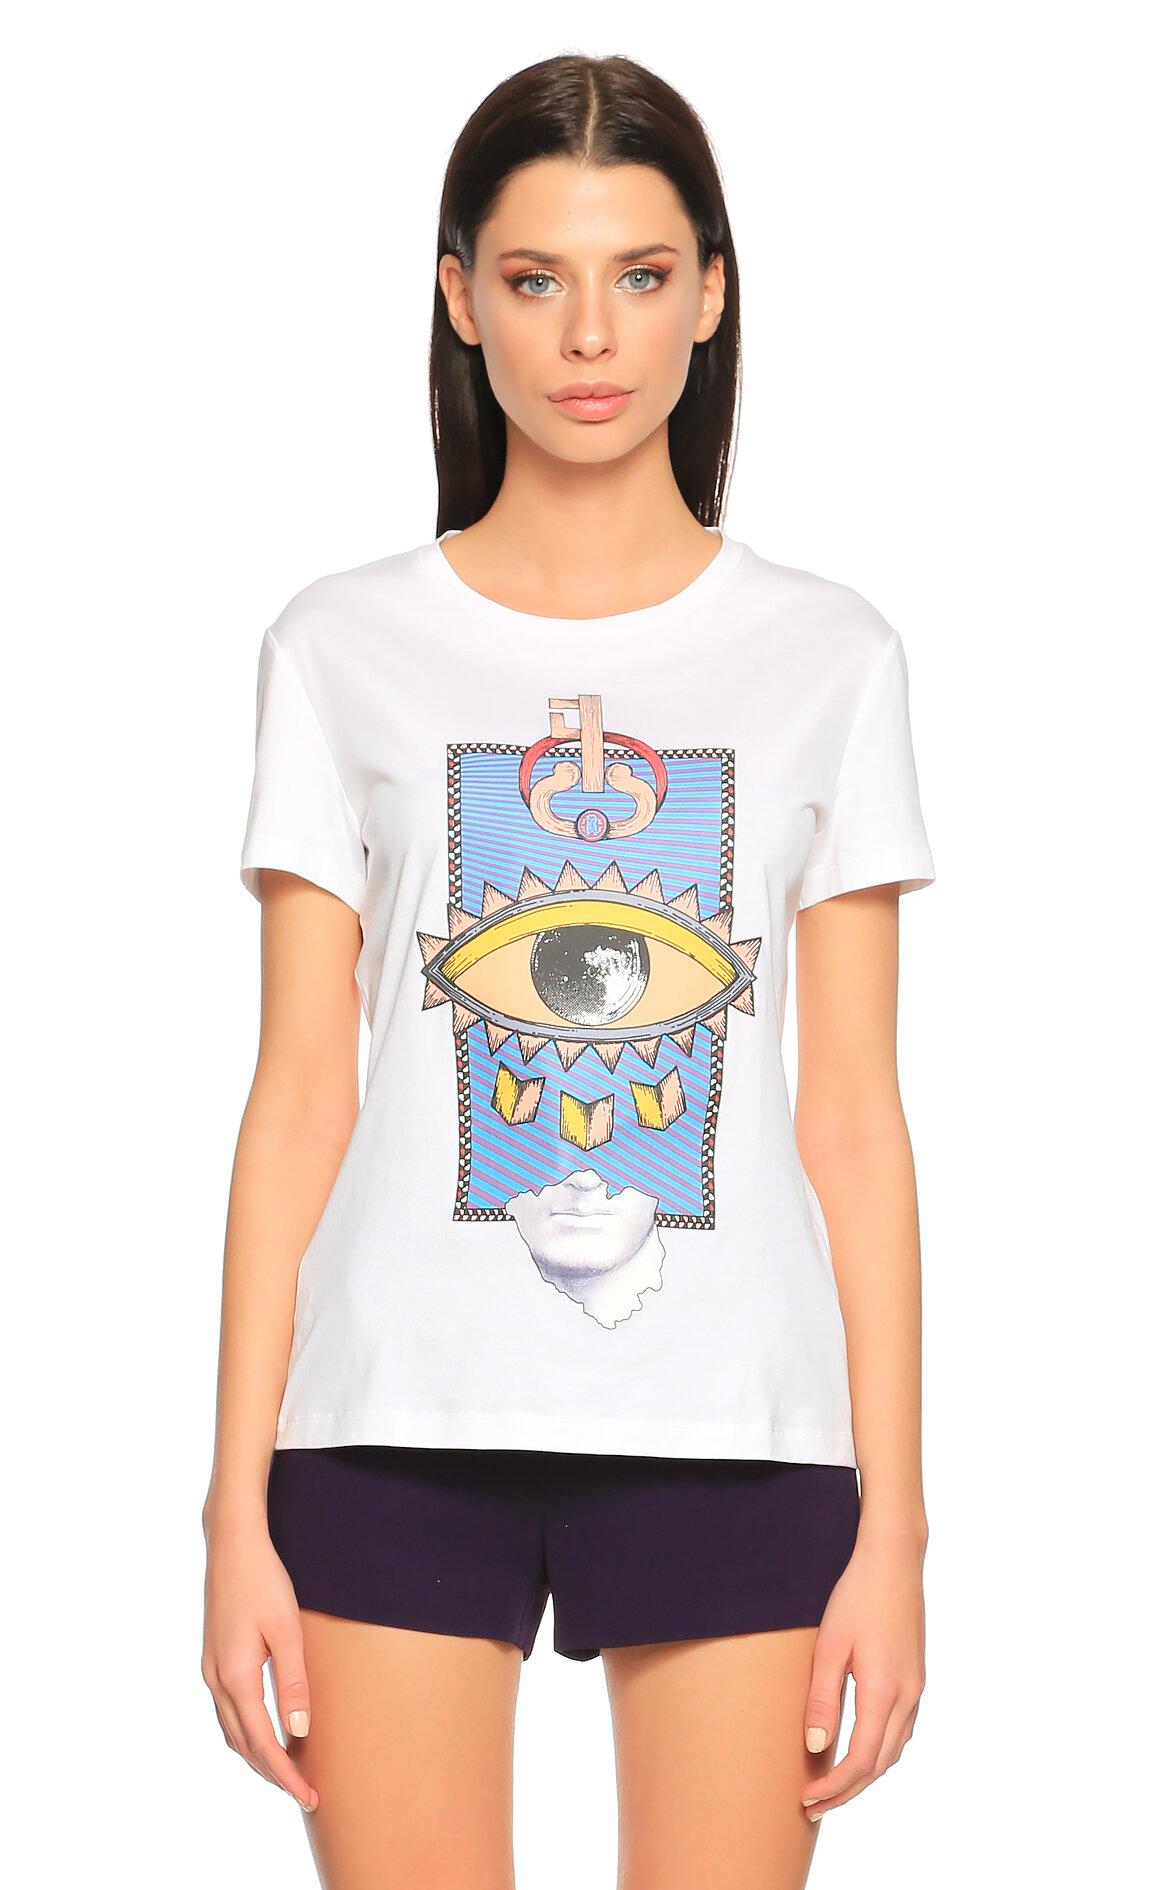 Roberto Cavalli-Roberto Cavalli Baskılı Beyaz T-Shirt